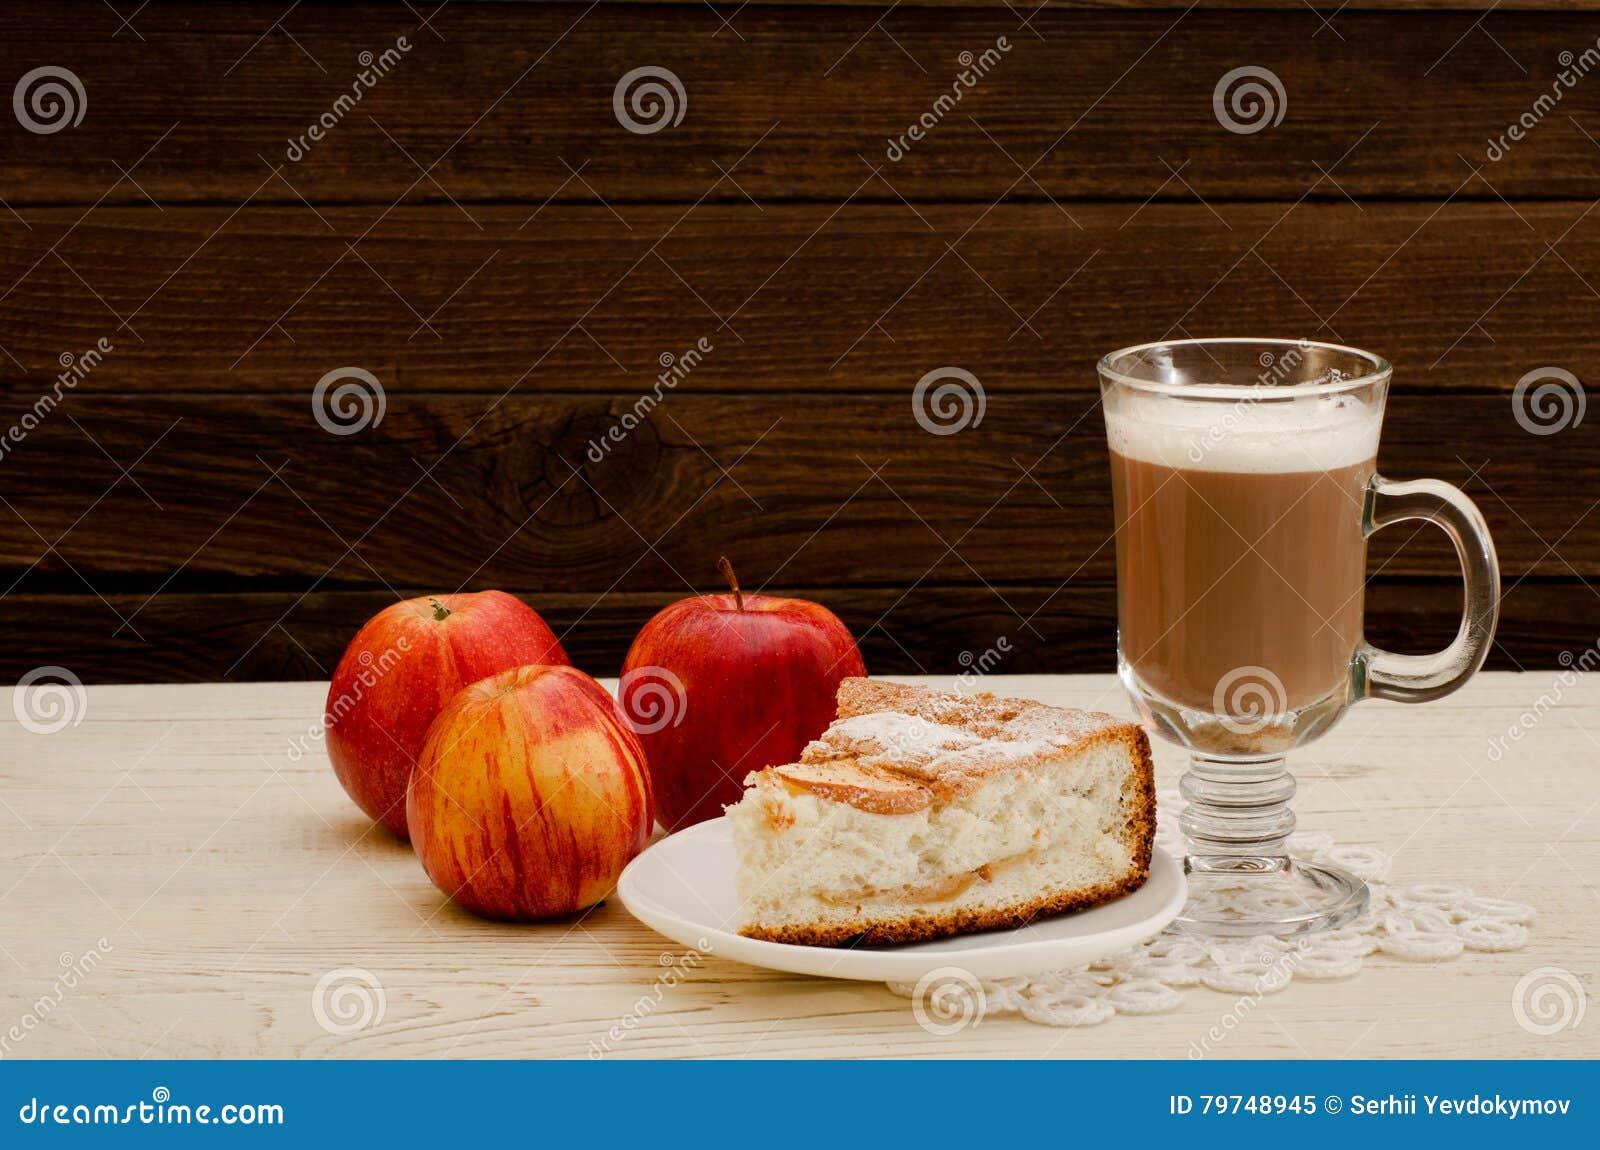 Empanada de Apple, capuchino y manzanas maduras en un fondo de madera